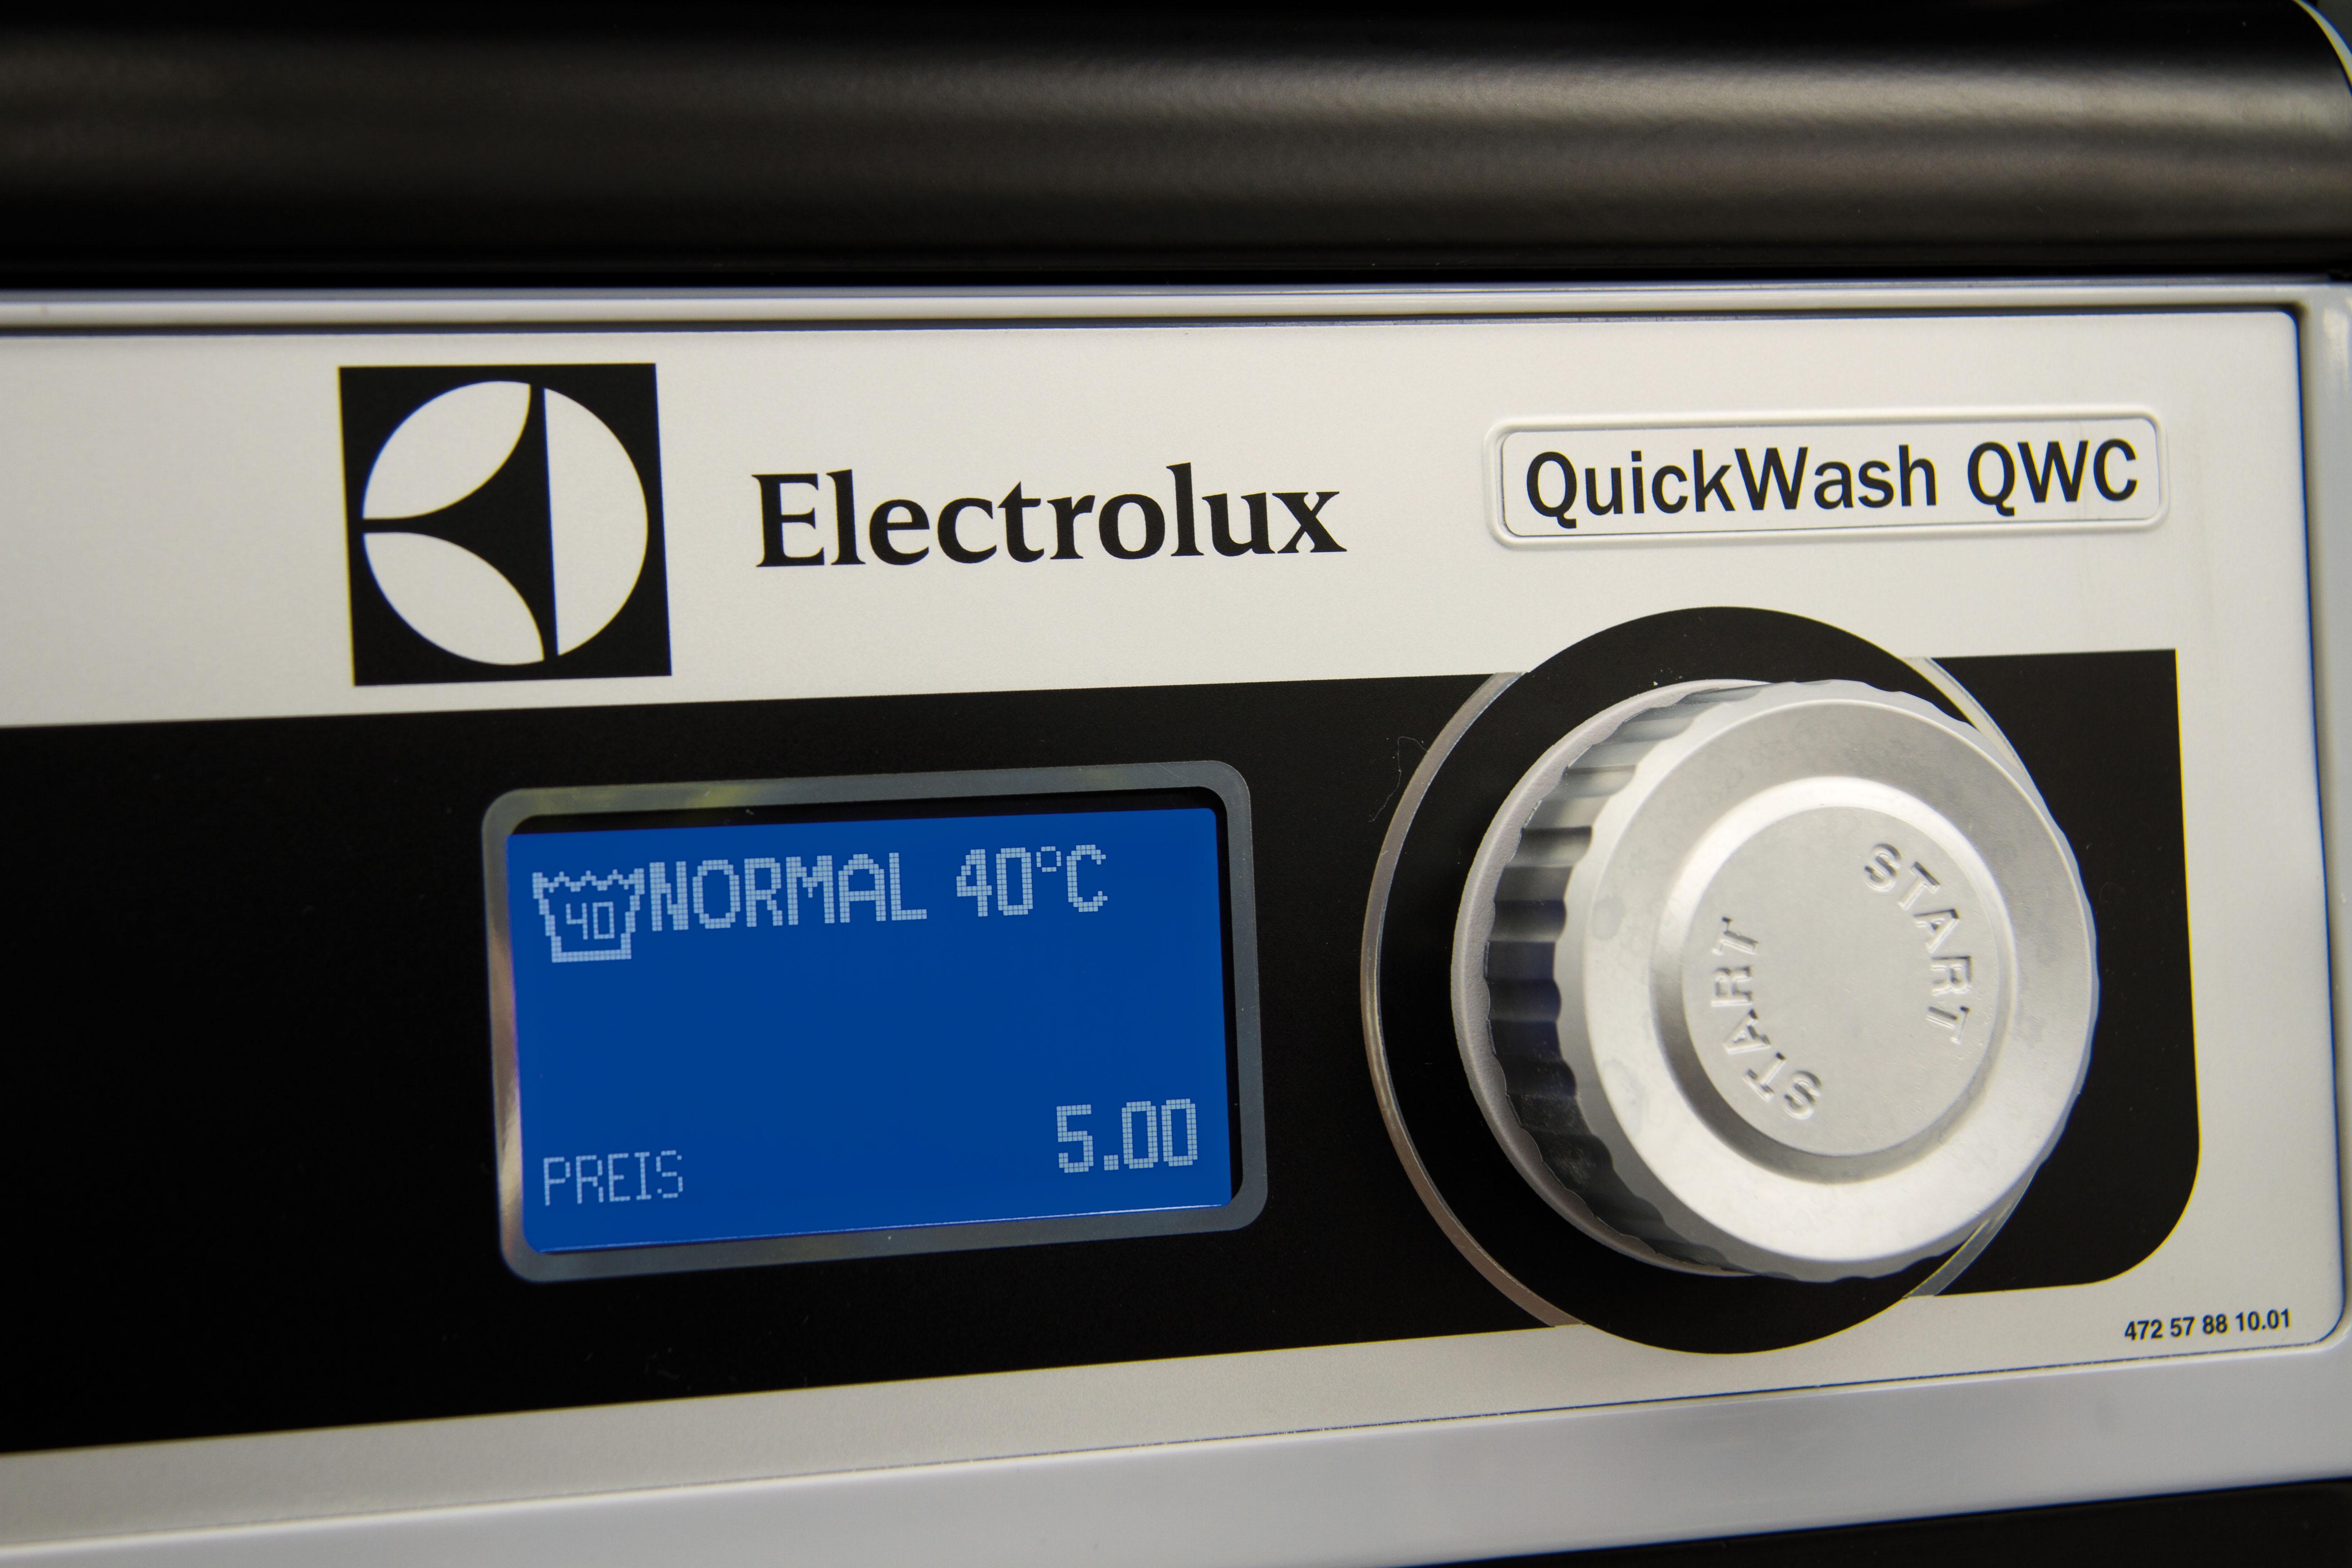 Auswahl der Waschprogramme